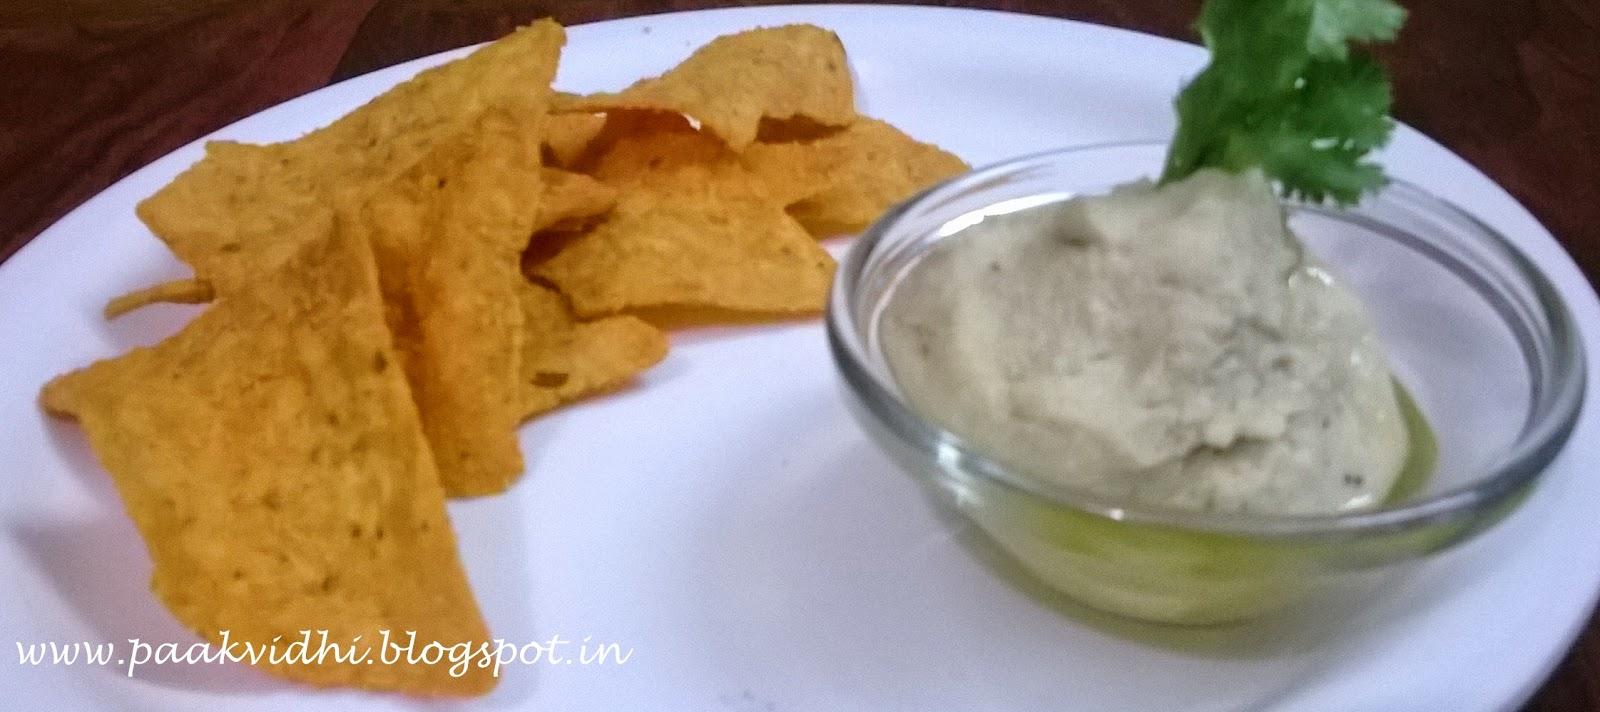 http://paakvidhi.blogspot.in/2014/05/hummus.html